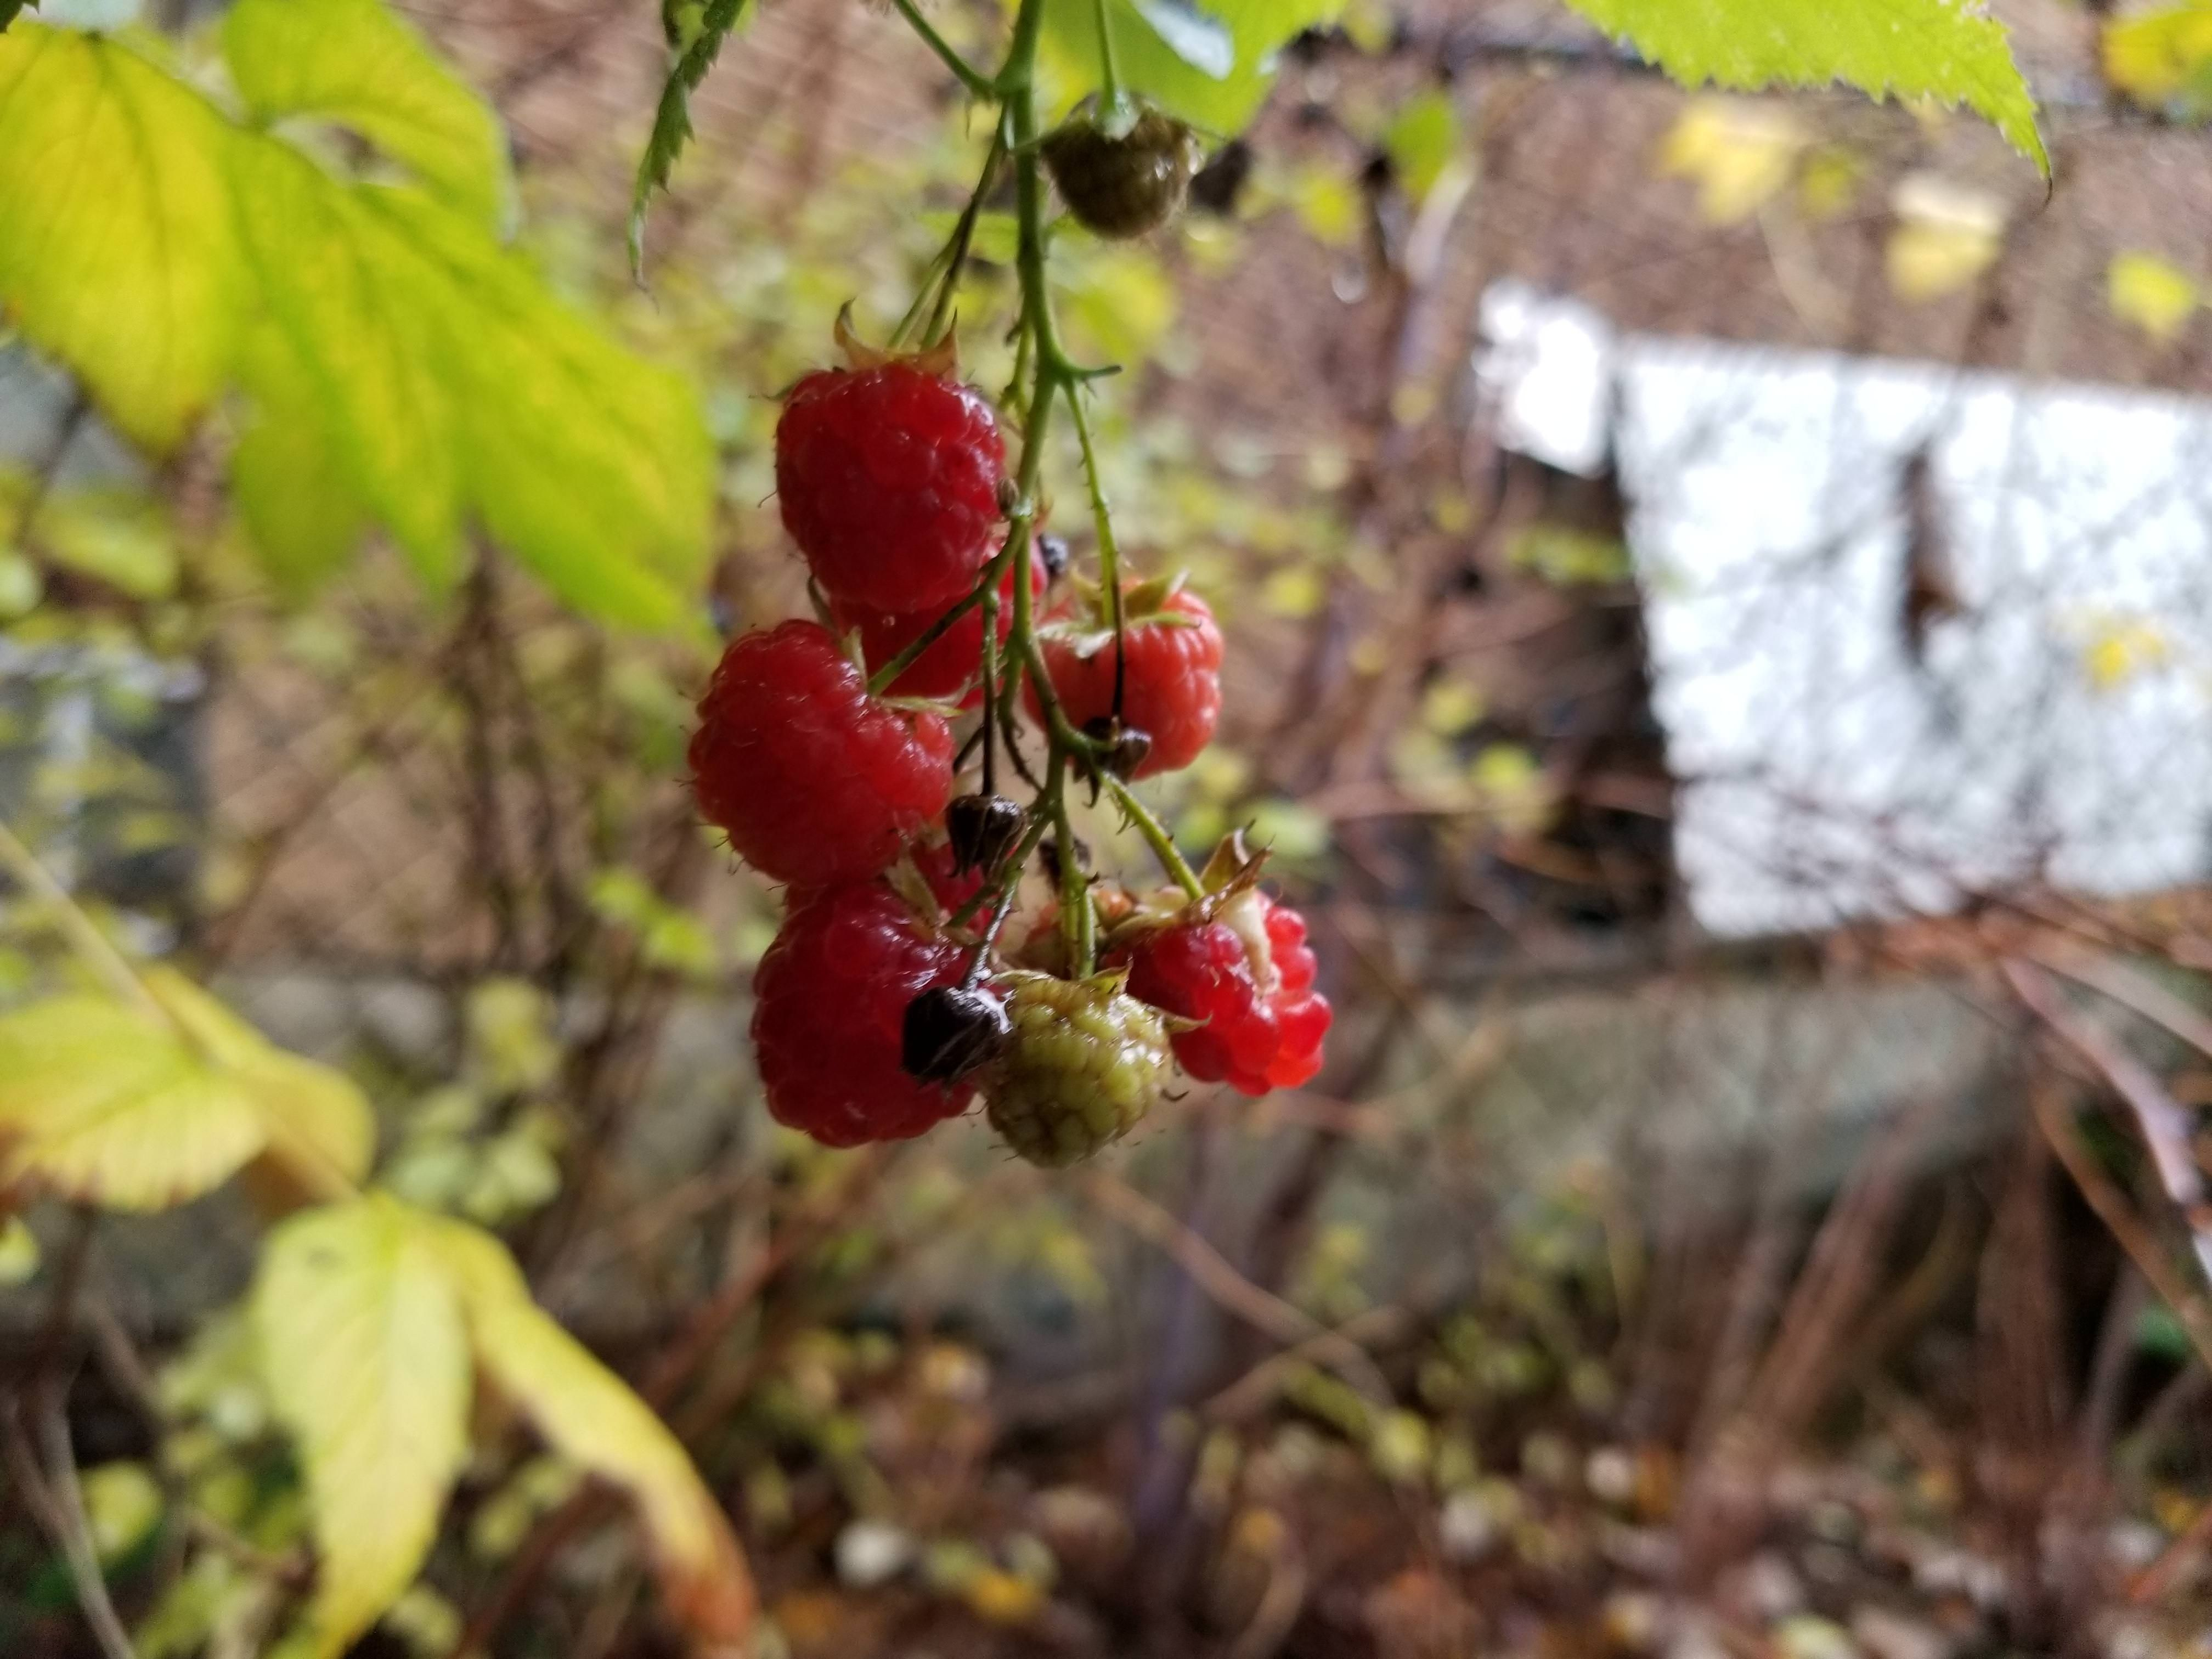 Thanks giving Raspberries in Seattle | Gardening | Pinterest ...